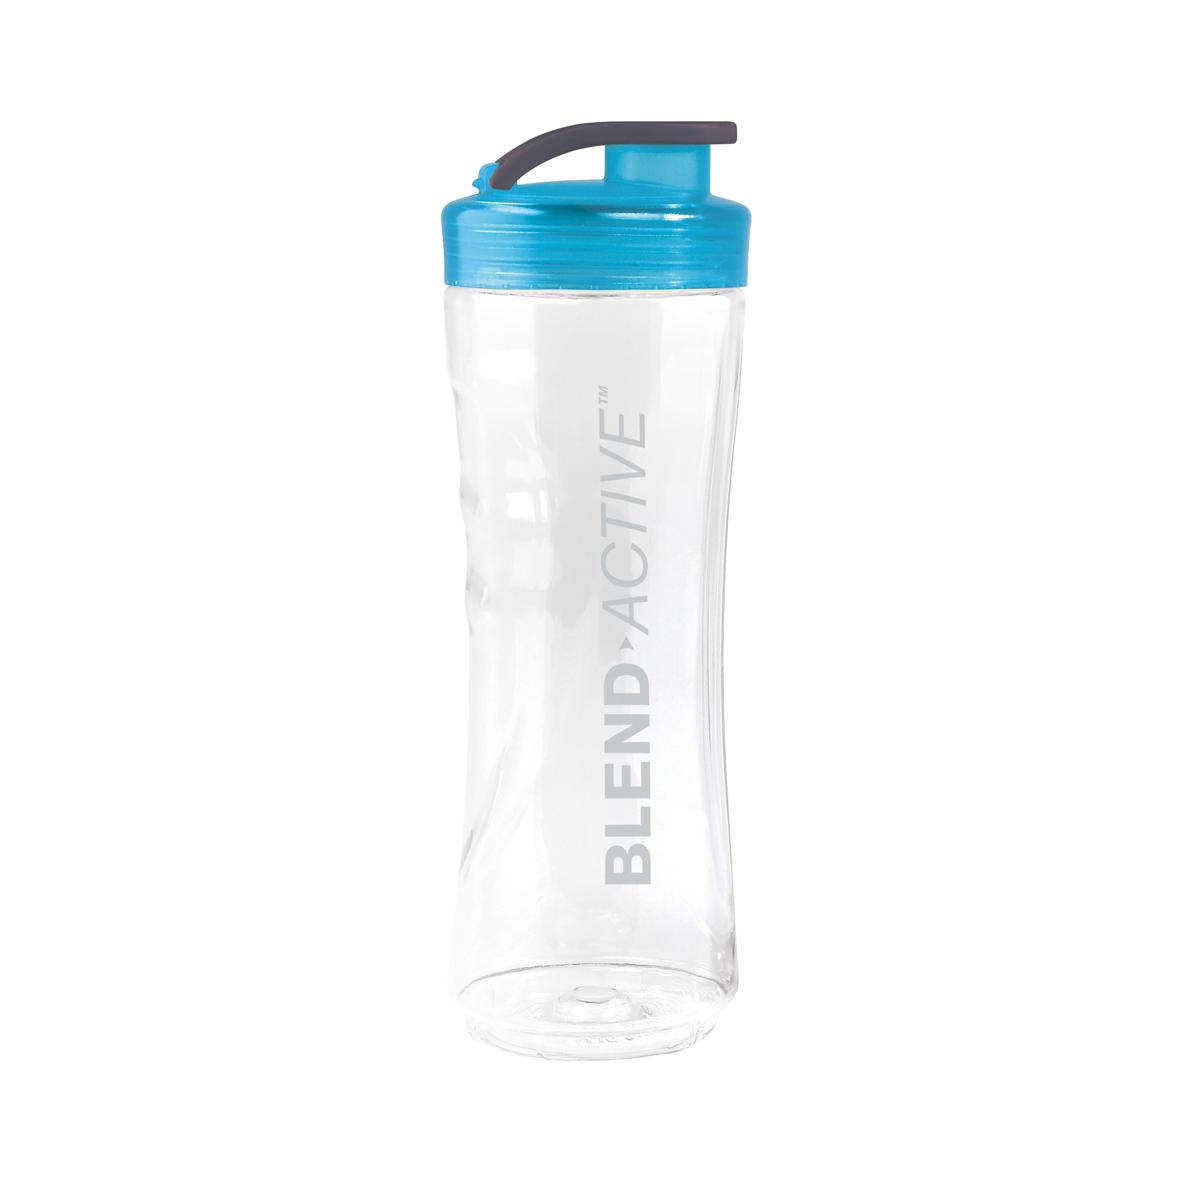 Breville bottle